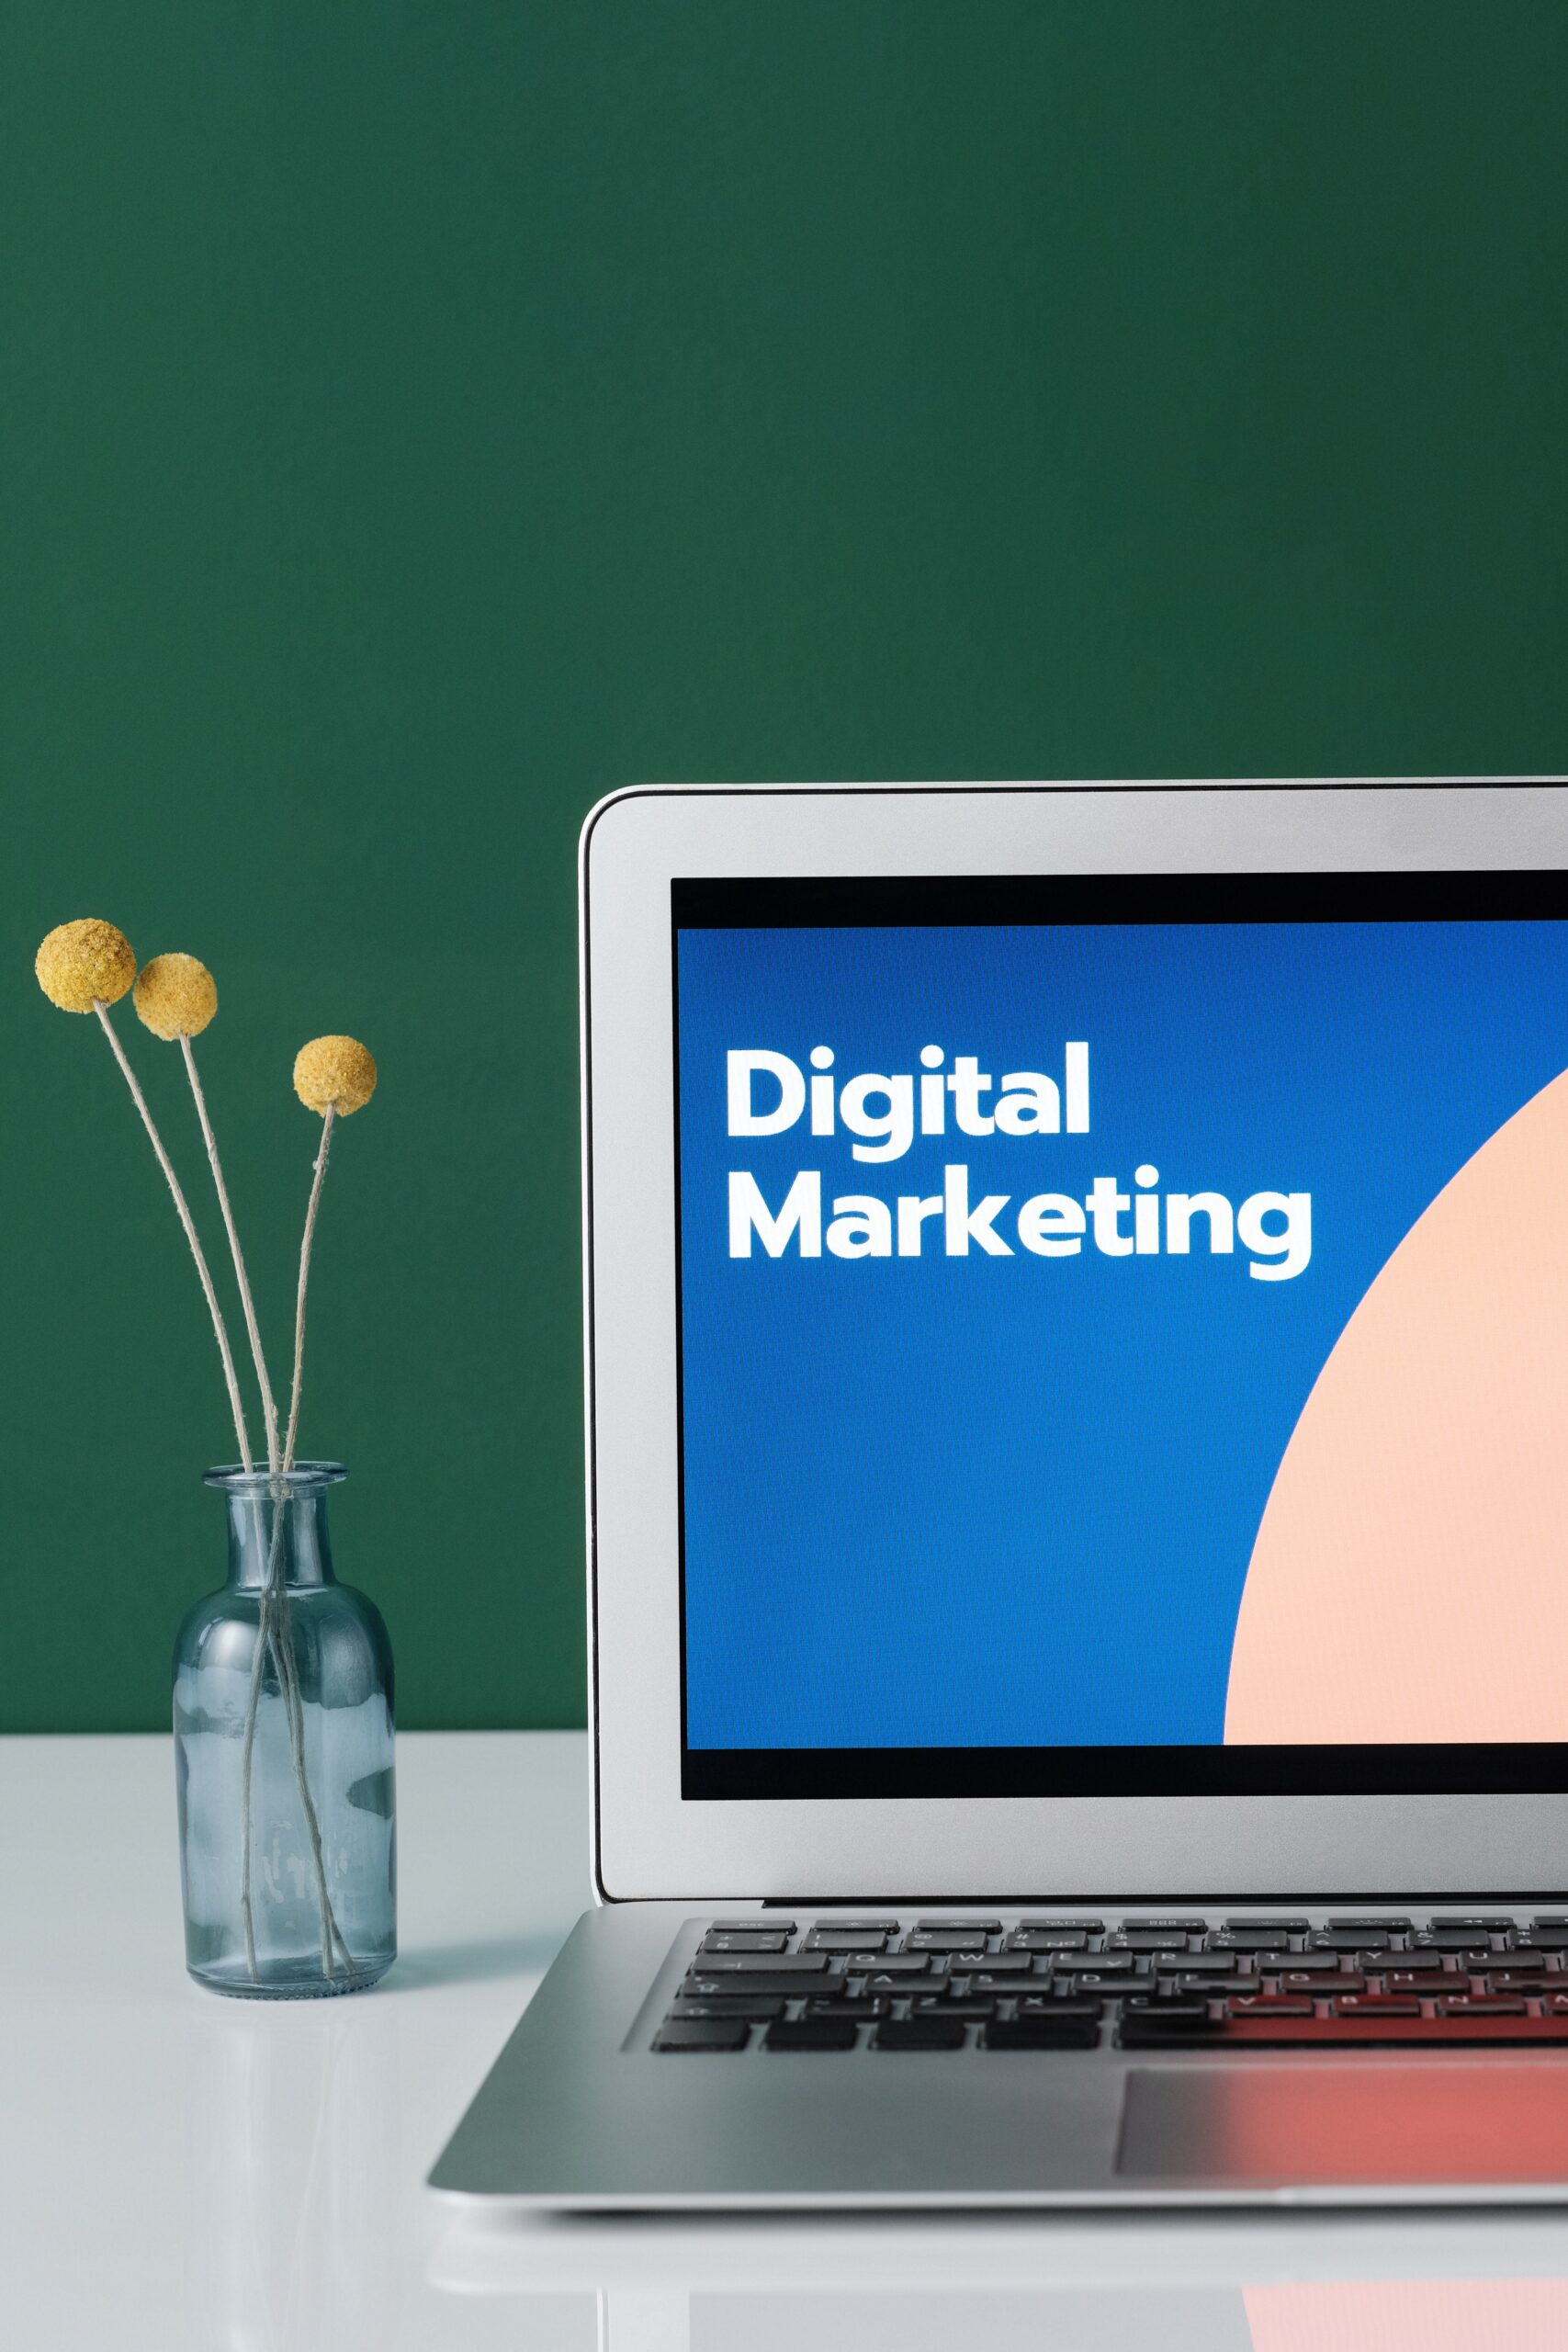 Kohalikud reklaamijad on enam suunanud oma turundusraha nii otsingureklaami kanalitesse kui ka sotsiaalmeediasse. Jõudsalt kasvasid Google, Youtube, Facebook.